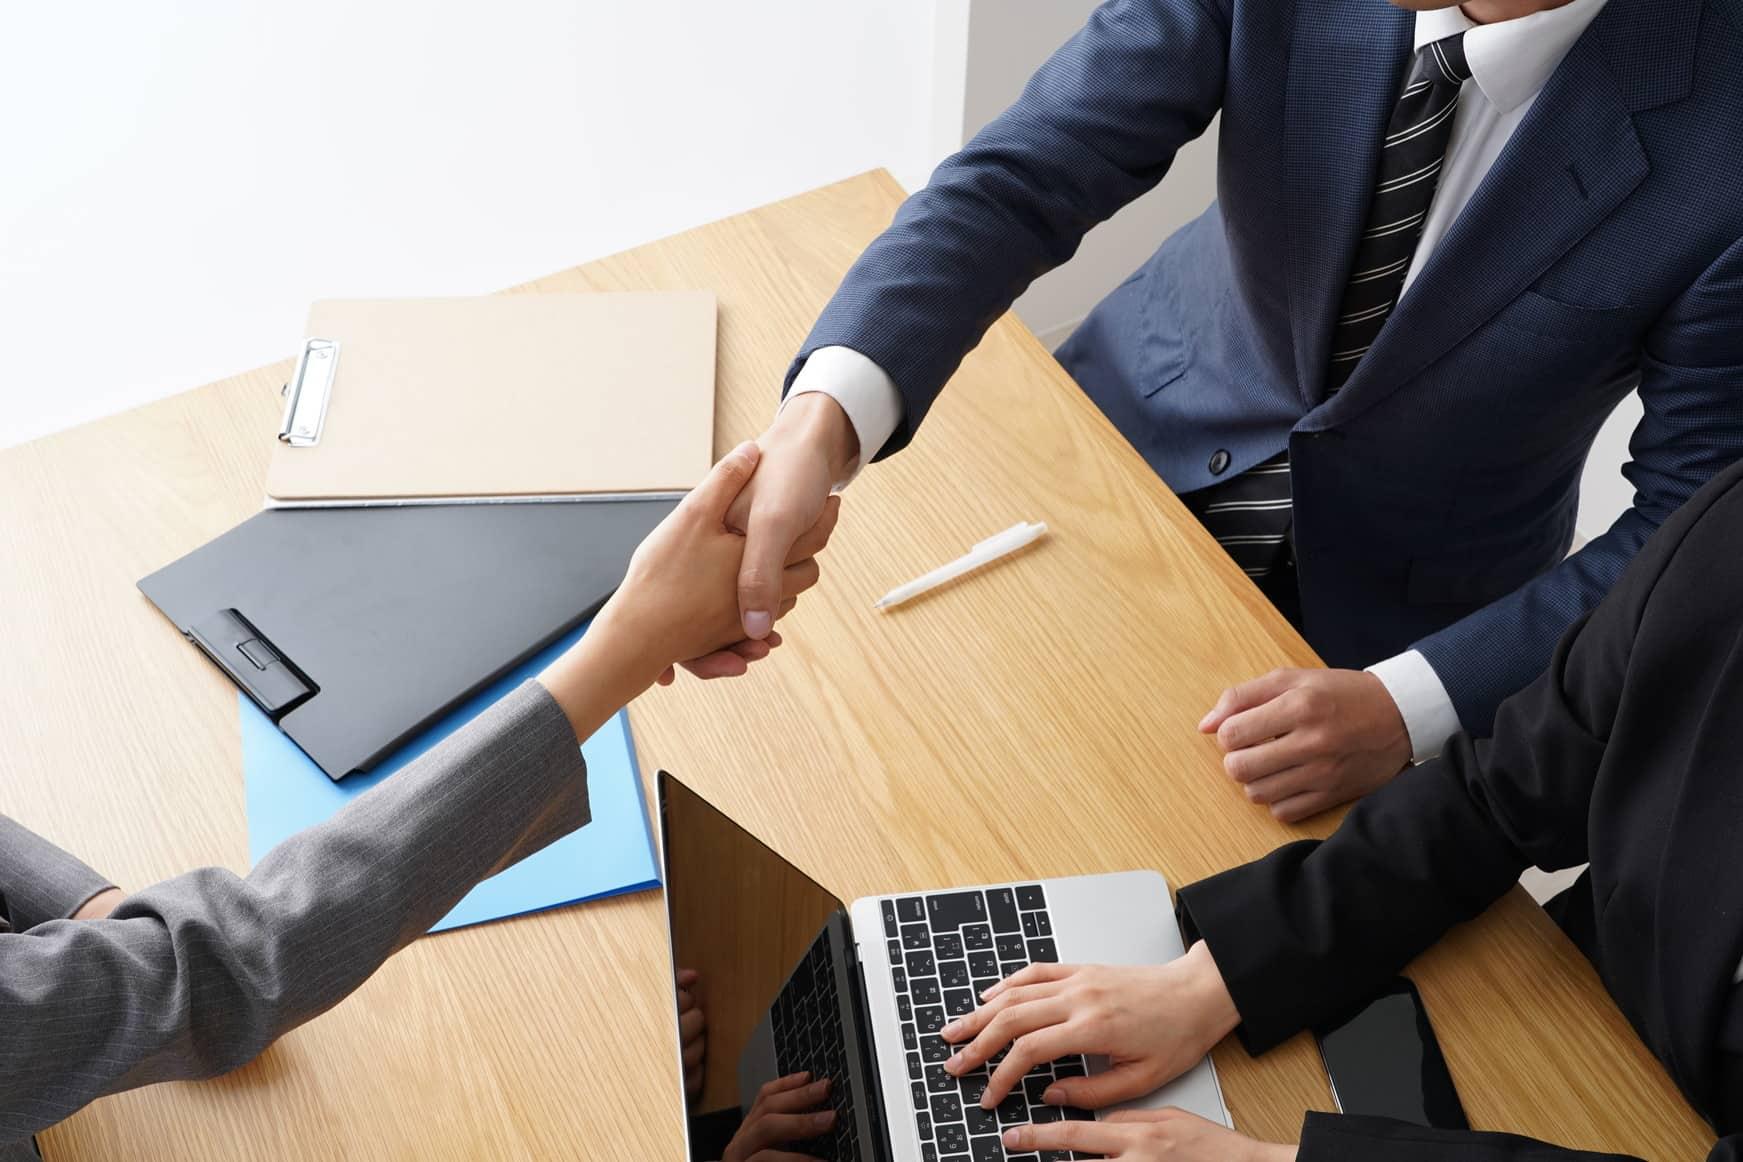 M&Aにおける公認会計士の役割と業務